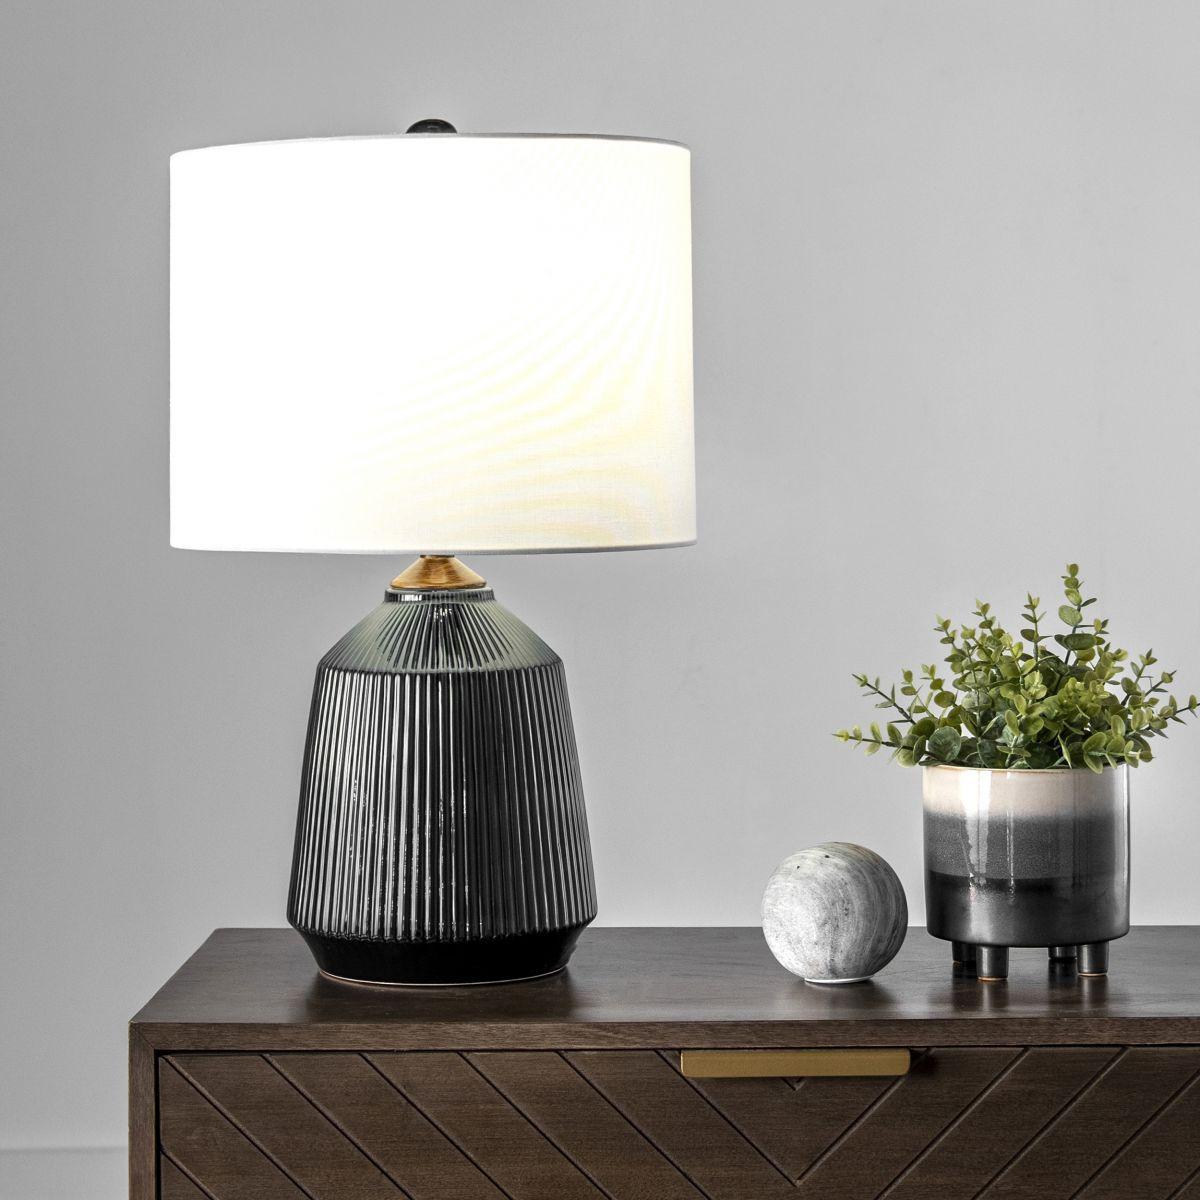 Alva 24 Inch Bridget Ceramic Table Lamp Black Lamp In 2020 Ceramic Table Lamps Ceramic Table Lamp